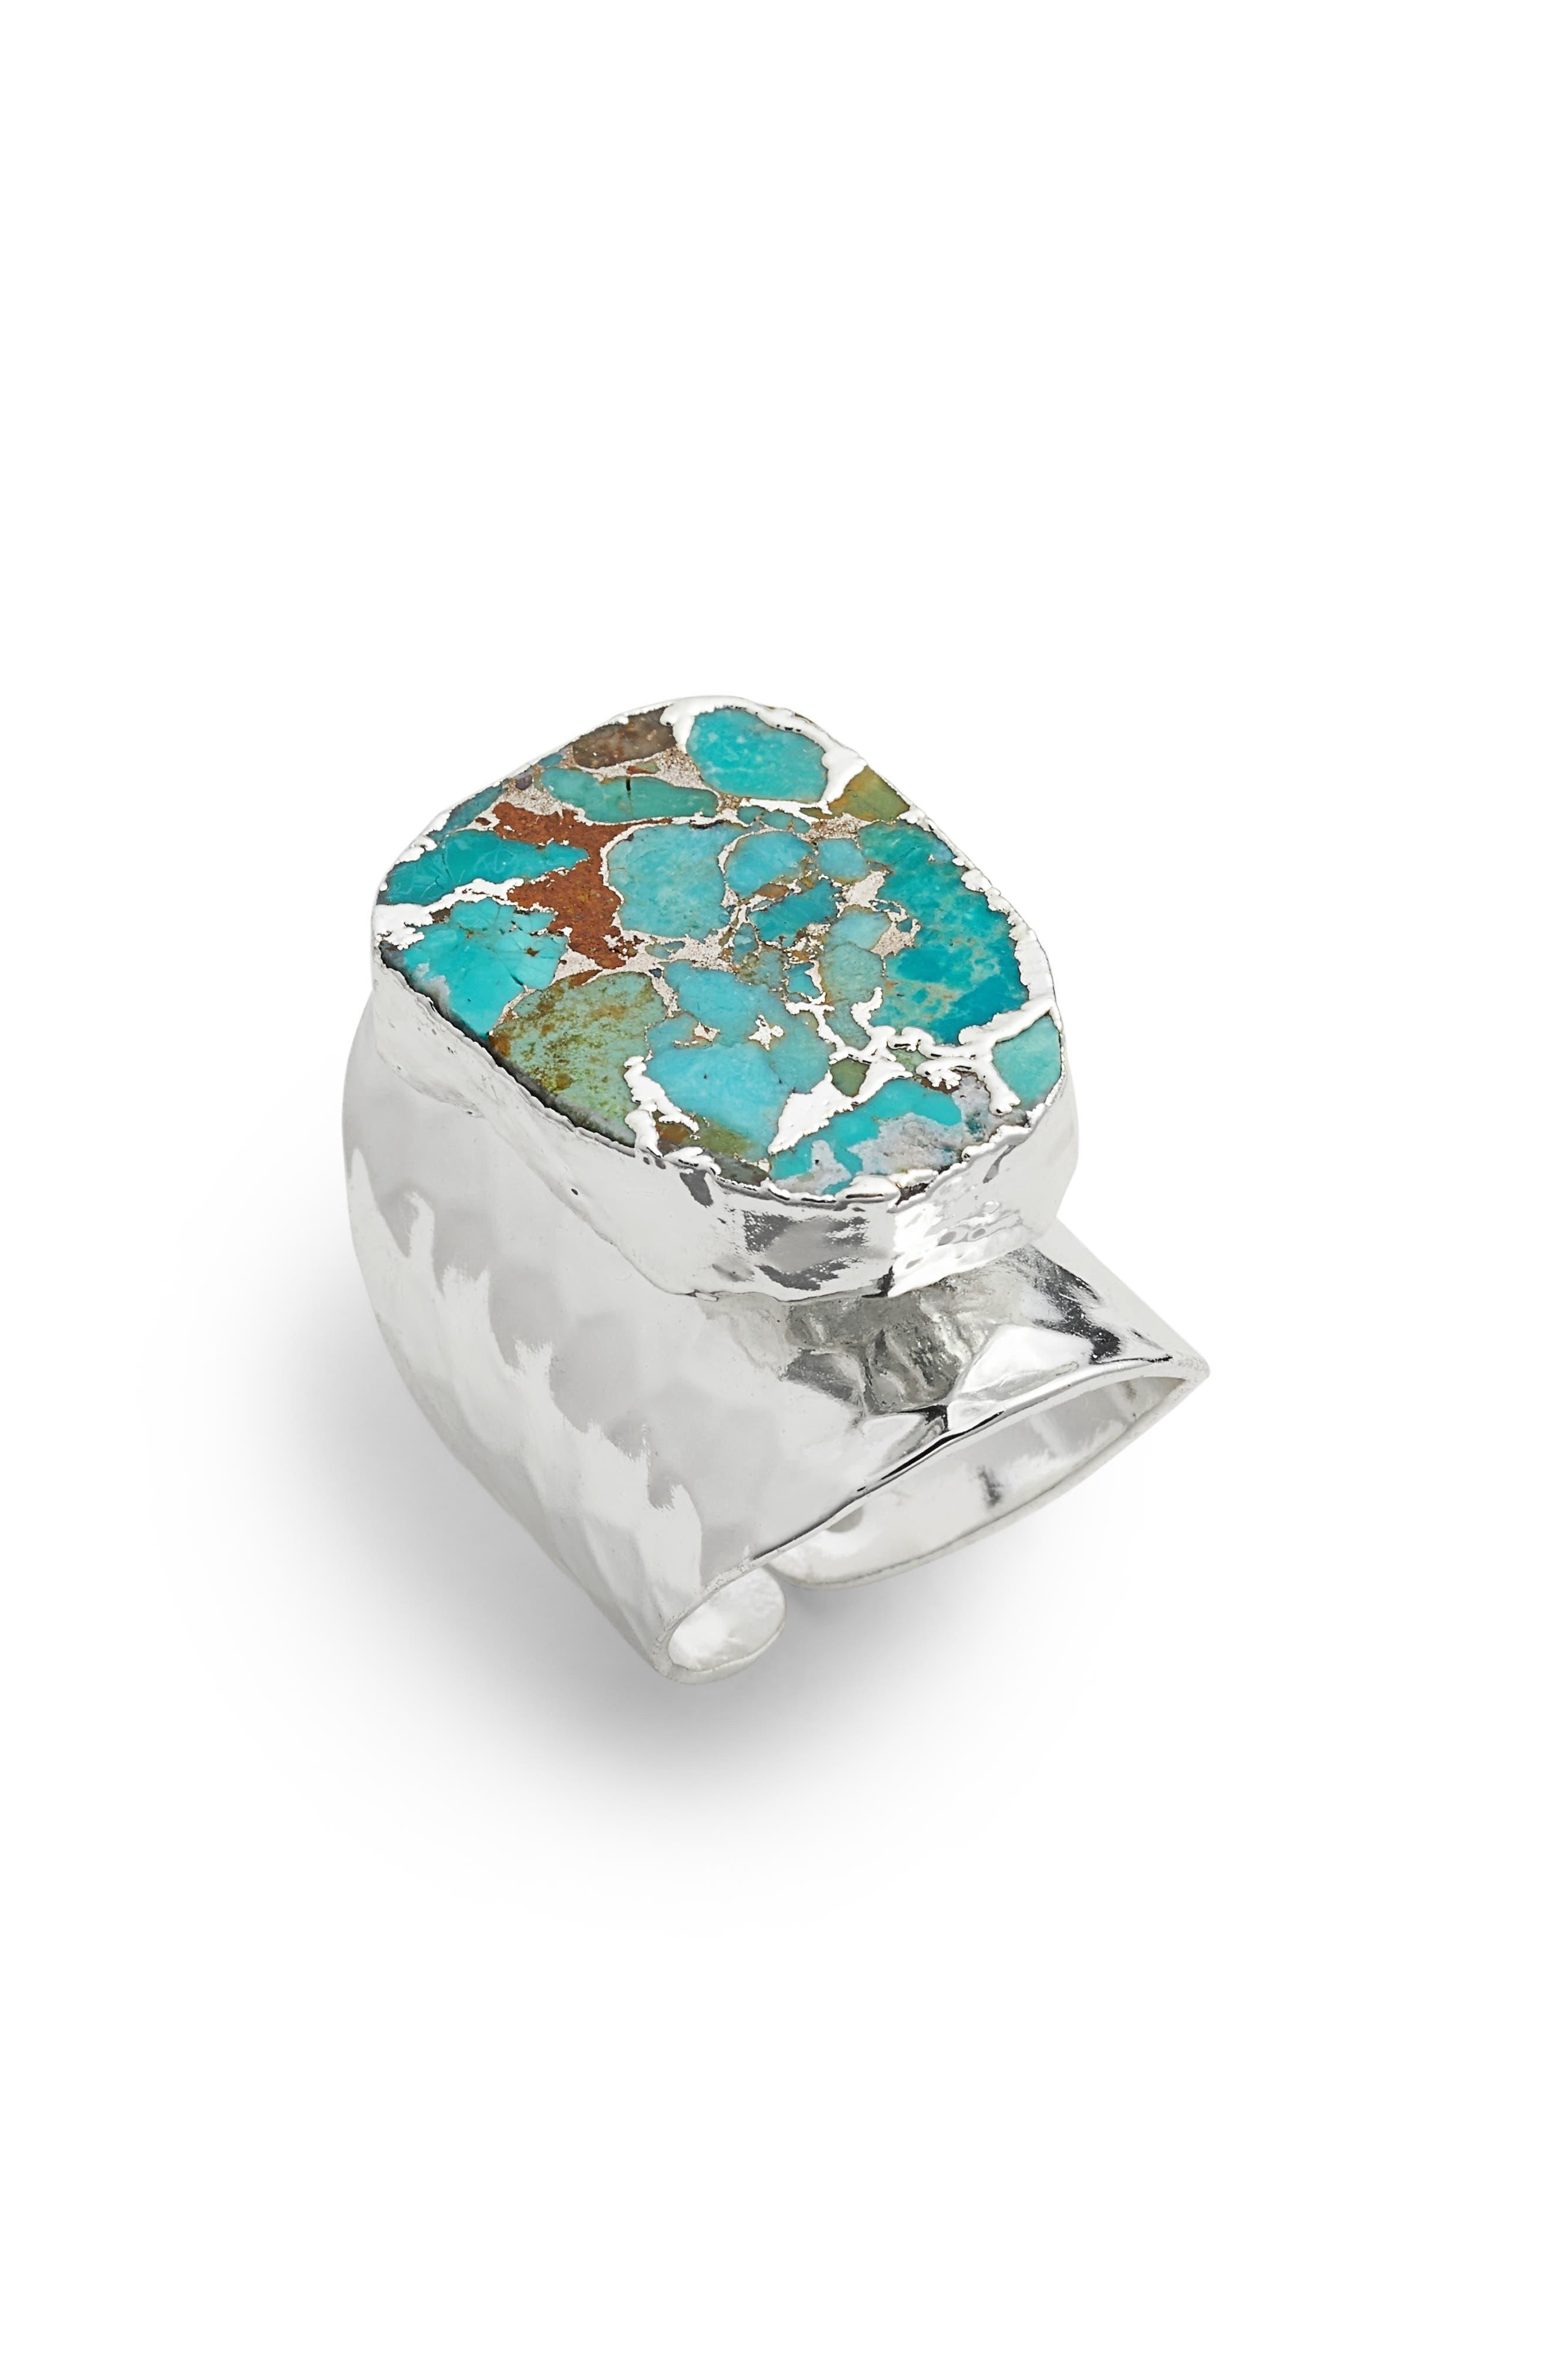 Bonitas Hammered Cuff Ring,                             Main thumbnail 1, color,                             040